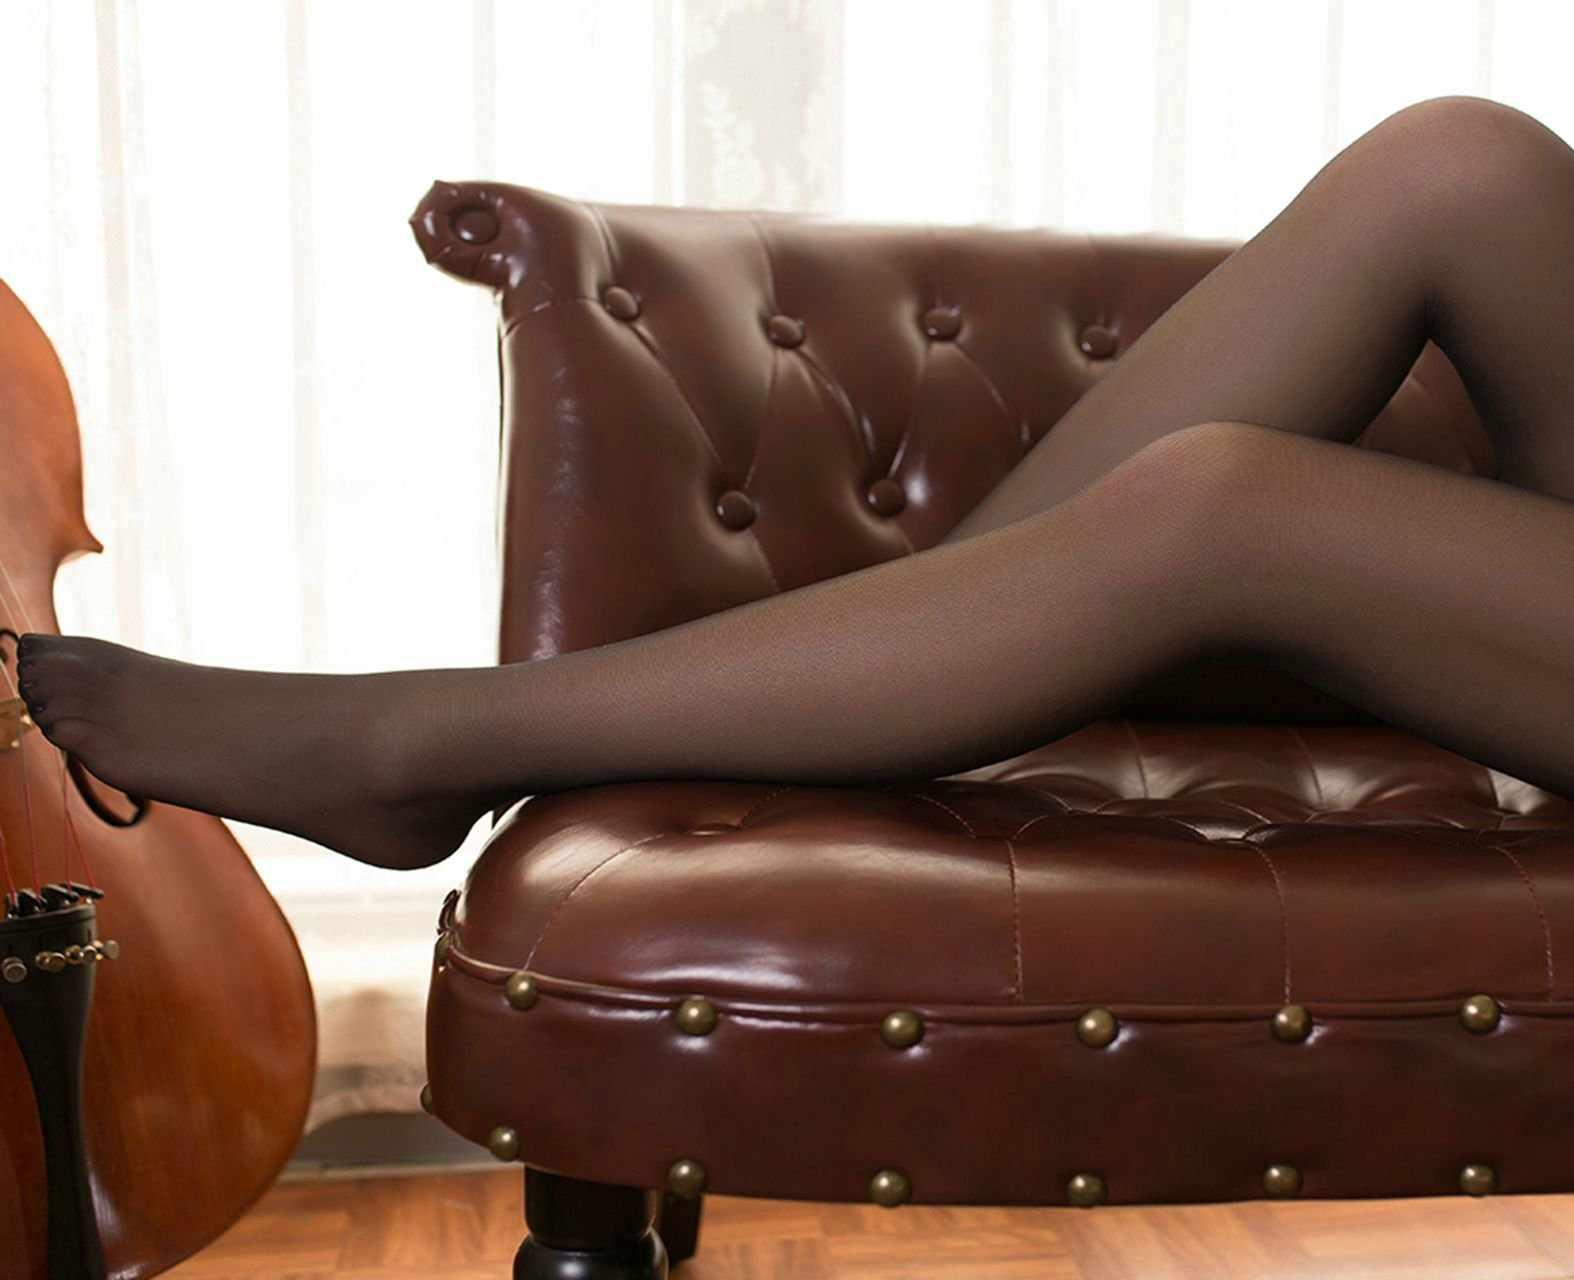 躺在地上静思的细腿黑丝JK小姐姐